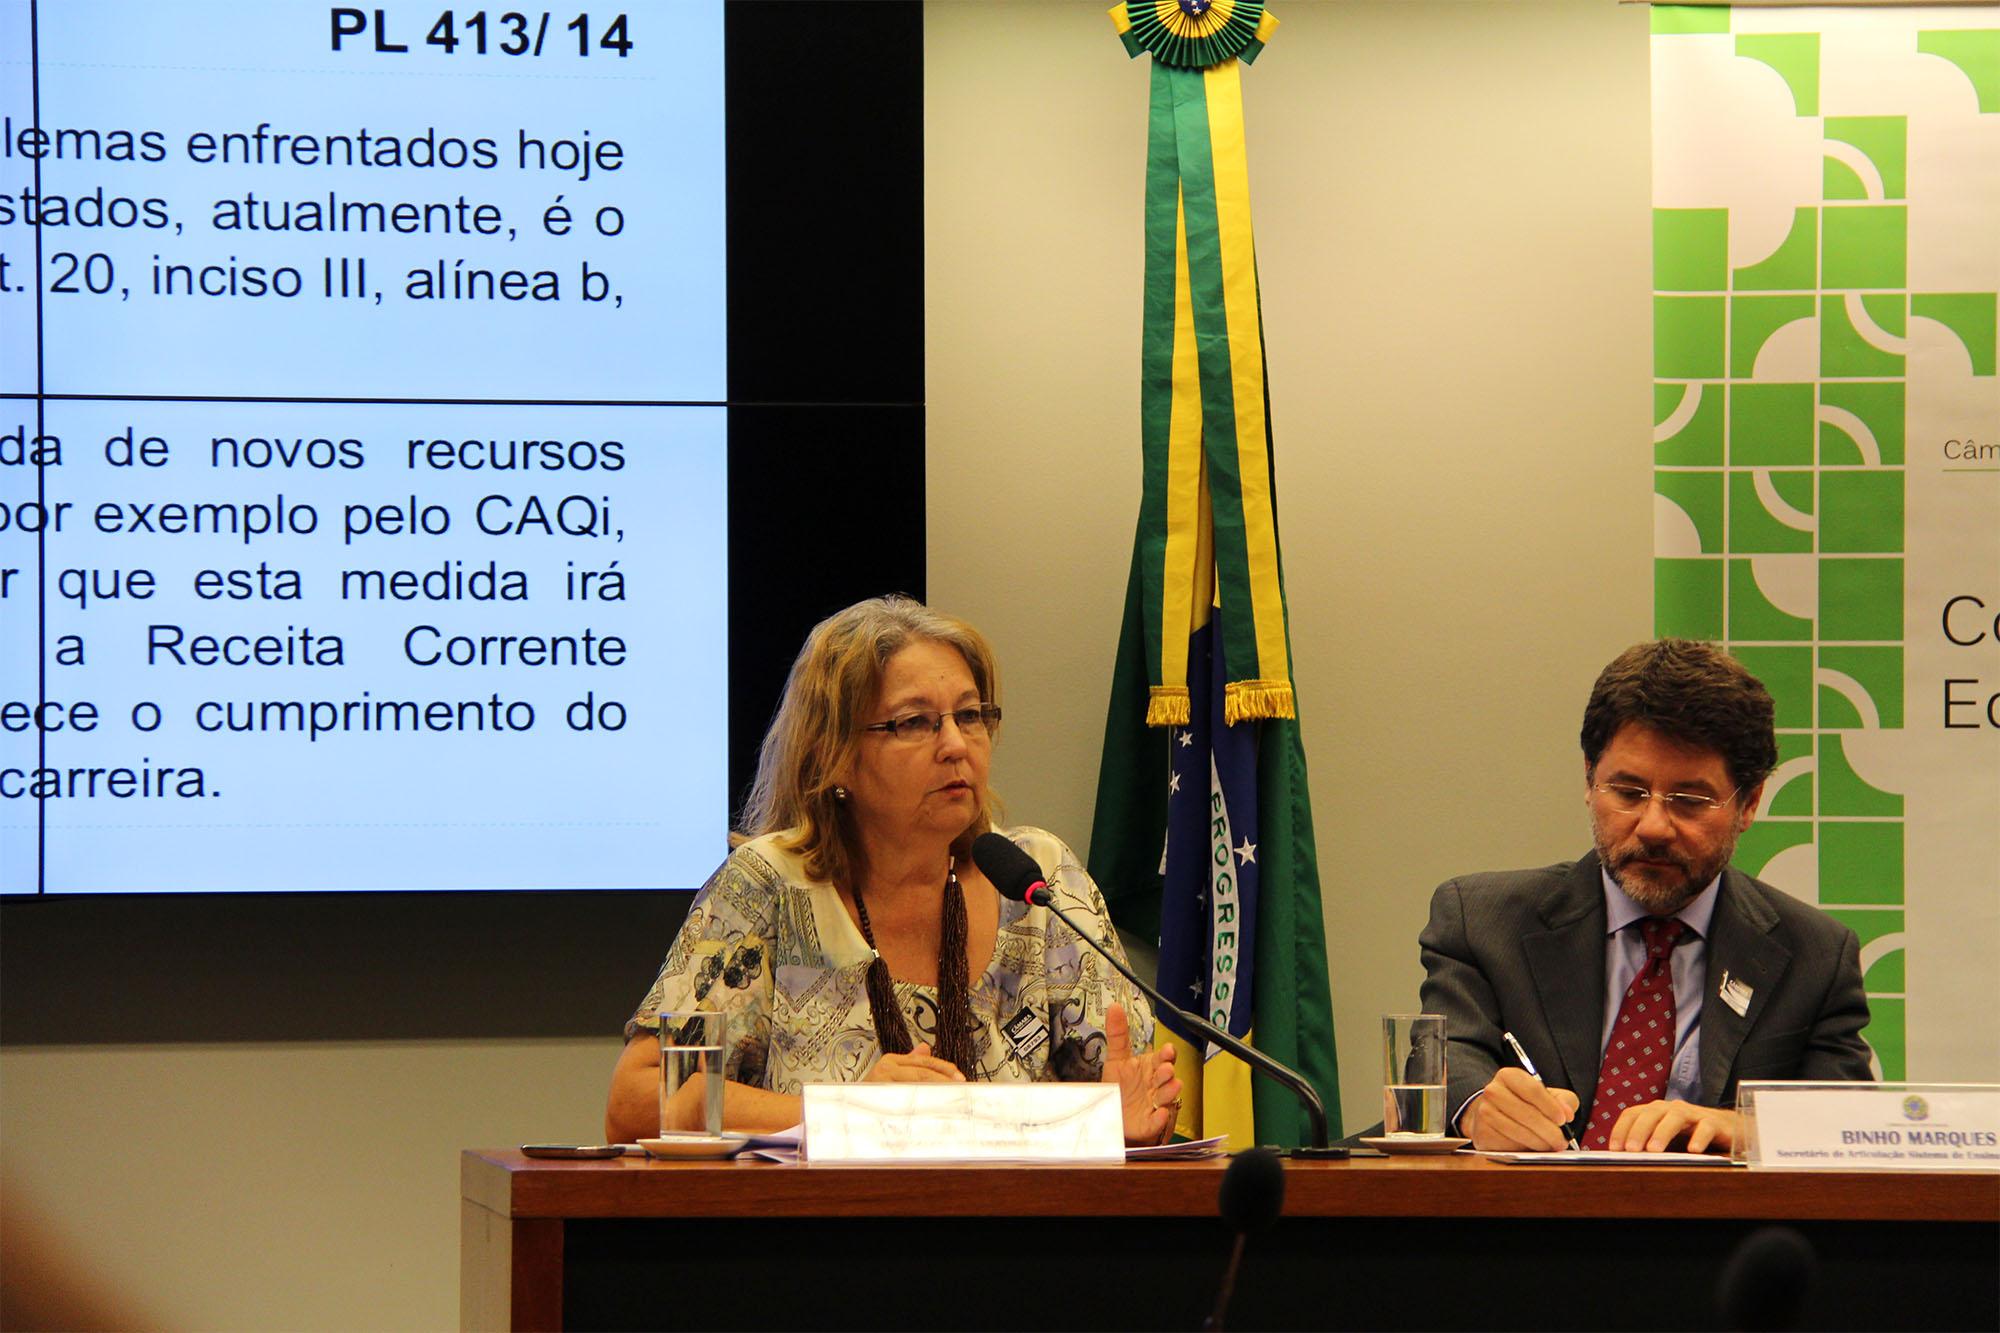 Presidente da Undime Goiás participa de audiência pública promovida pela Comissão de Educação da Câmara dos Deputados